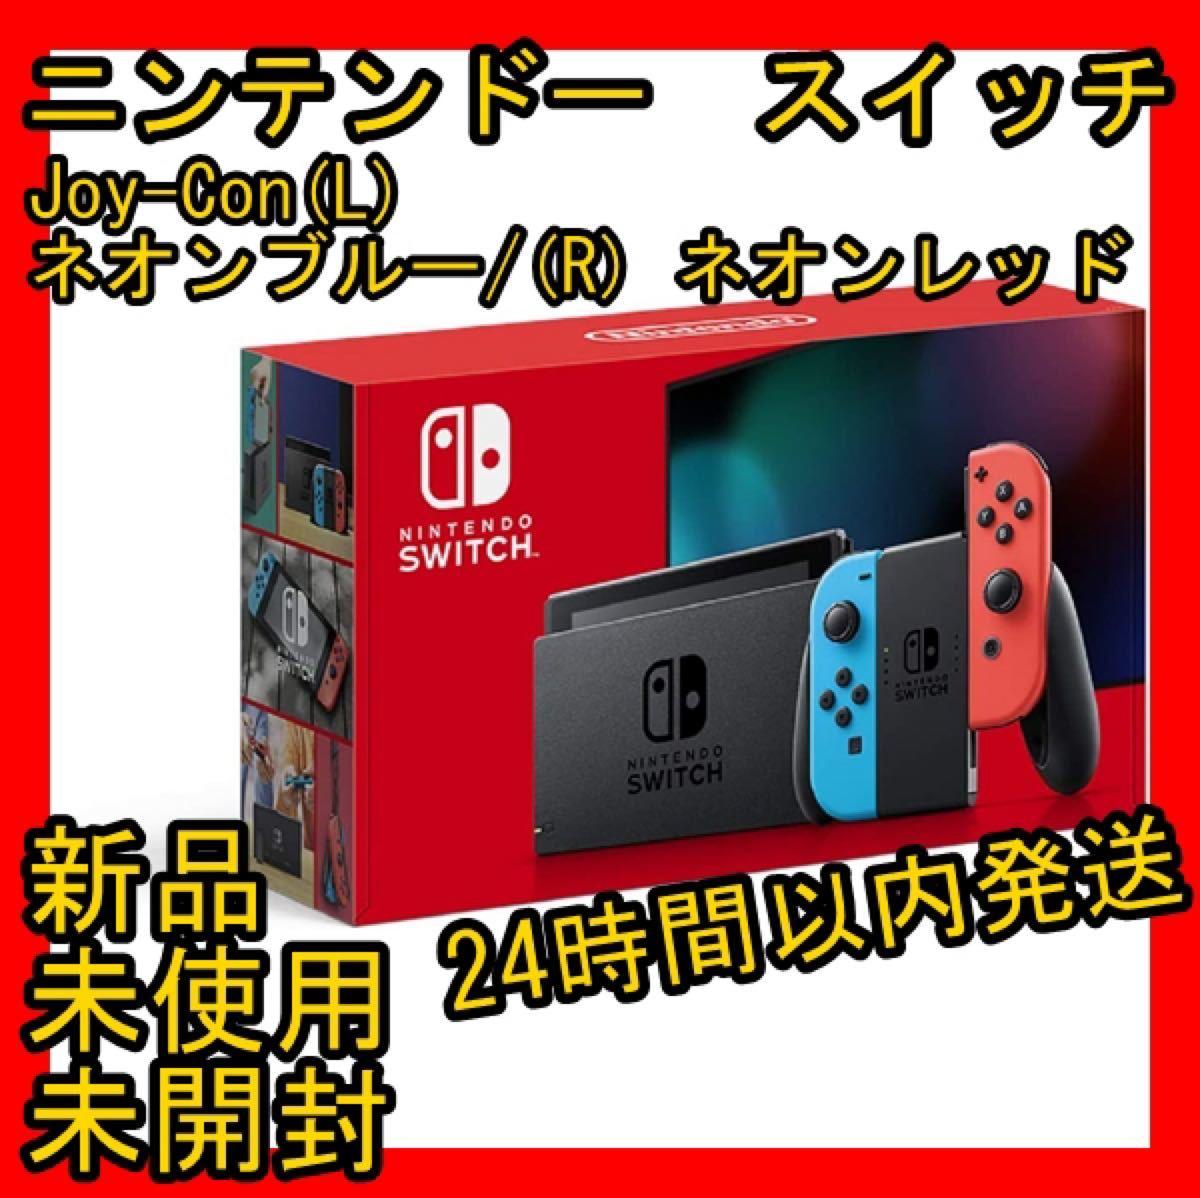 Nintendo Switch ニンテンドースイッチ本体 ニンテンドースイッチ